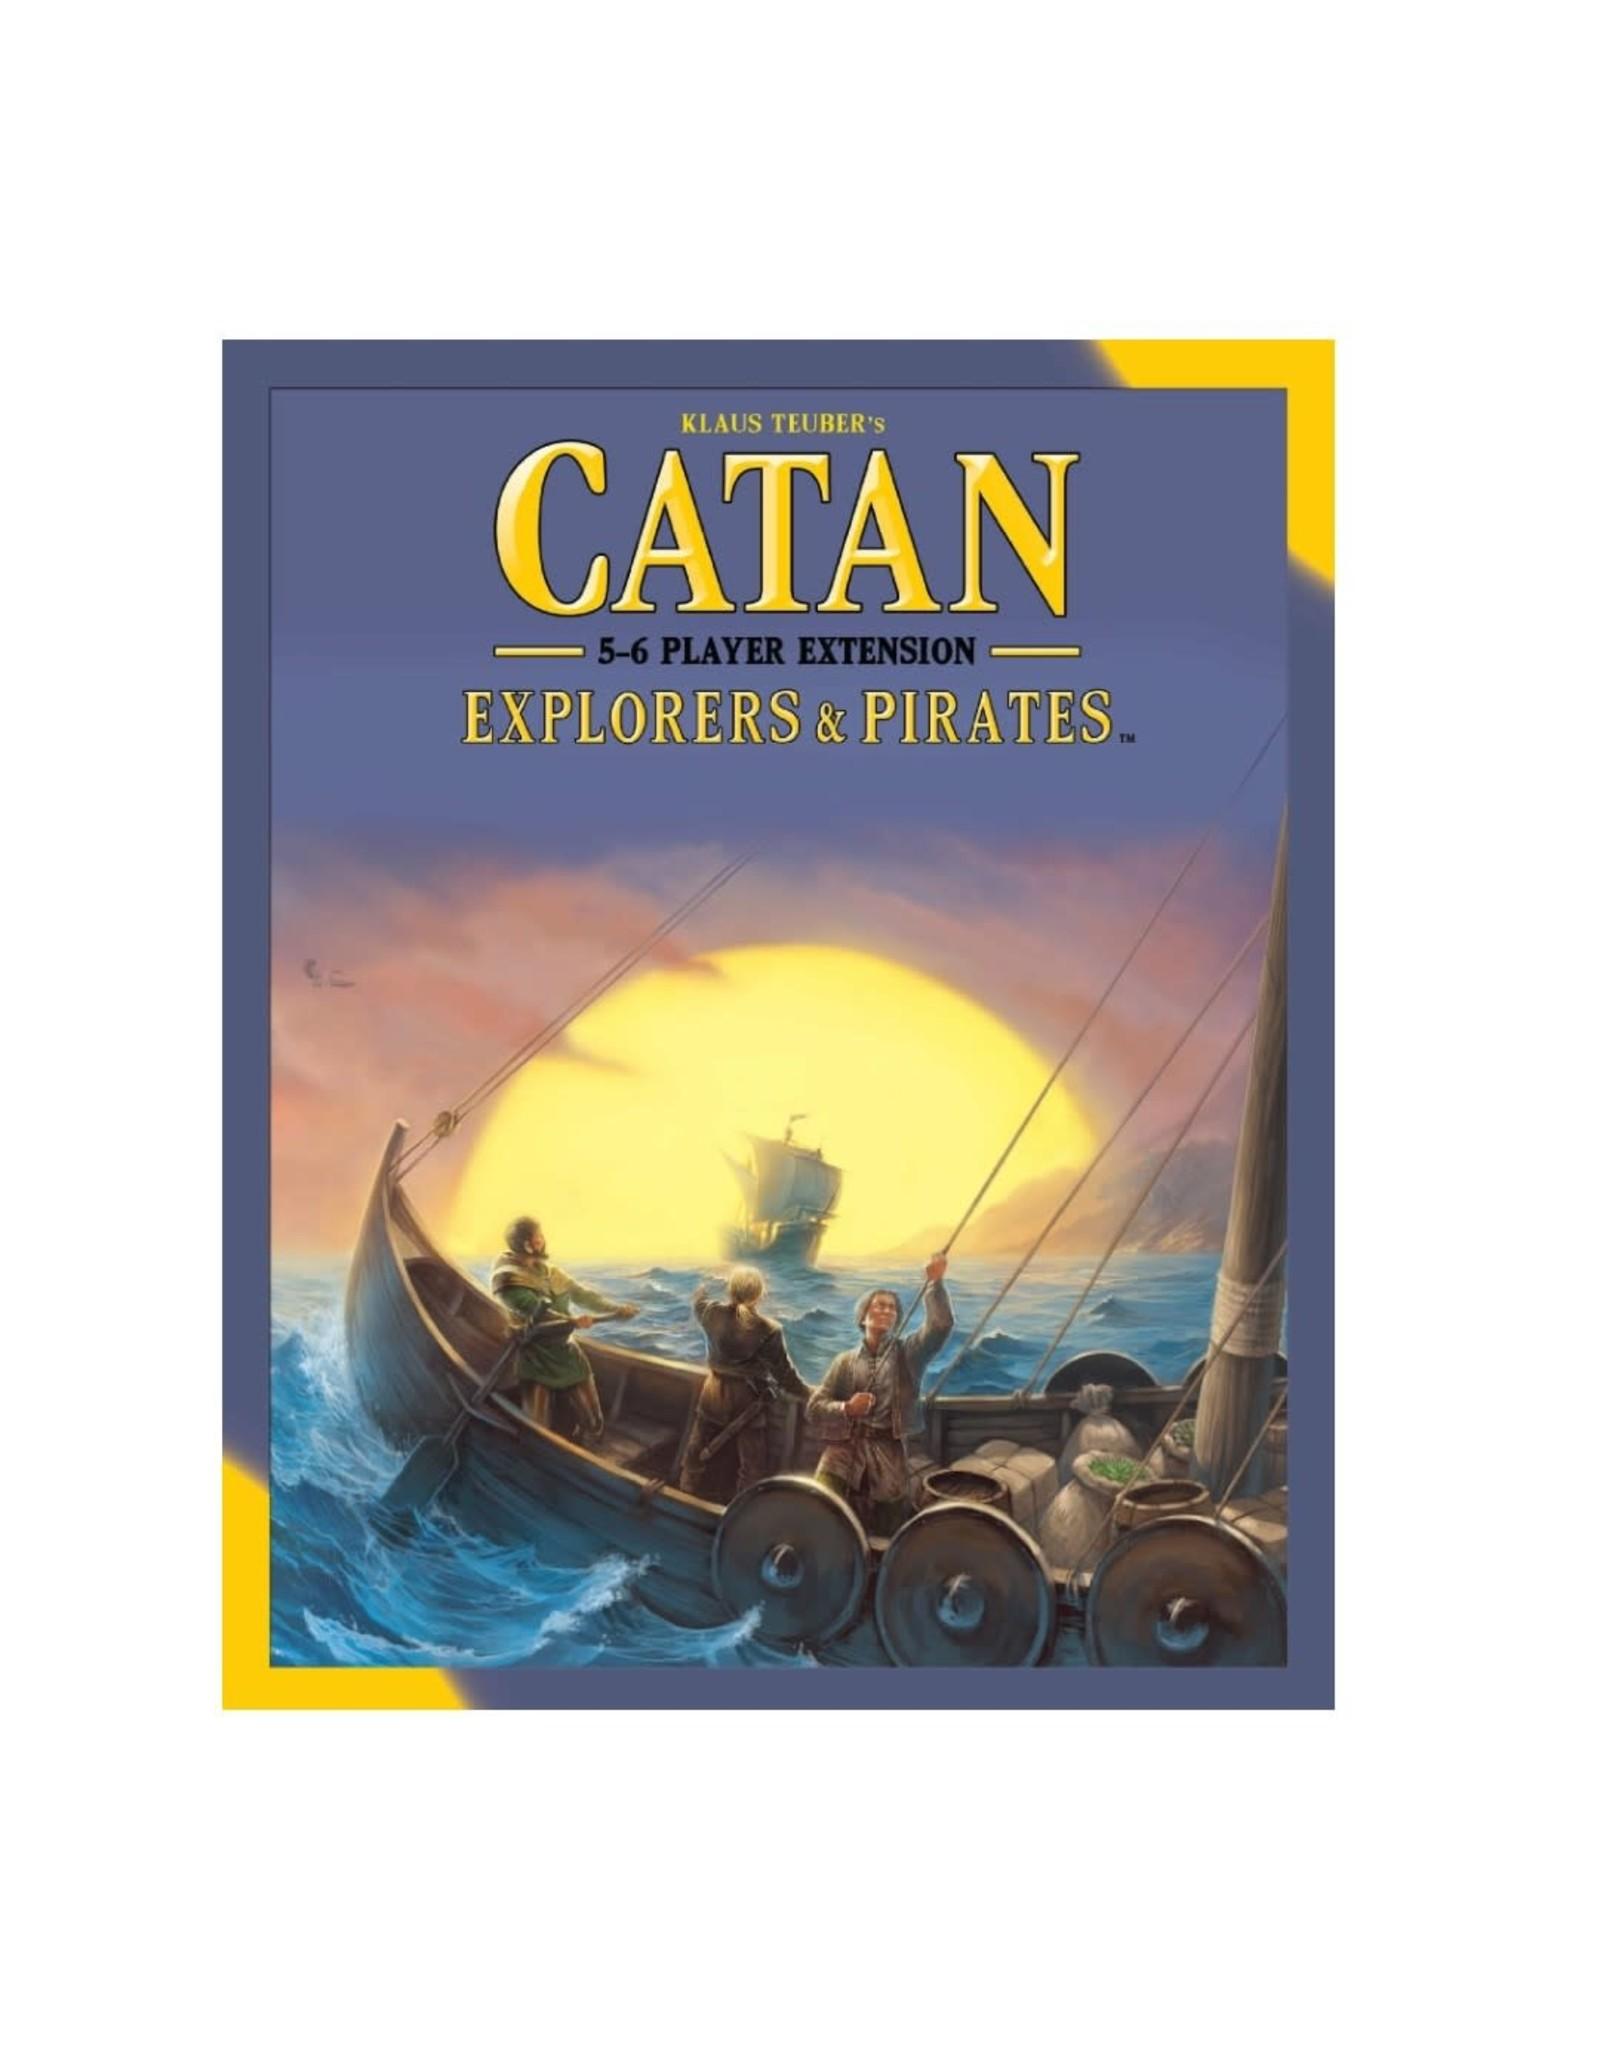 Asmodee Catan Ext: Explorers & Pirates 5-6 Player